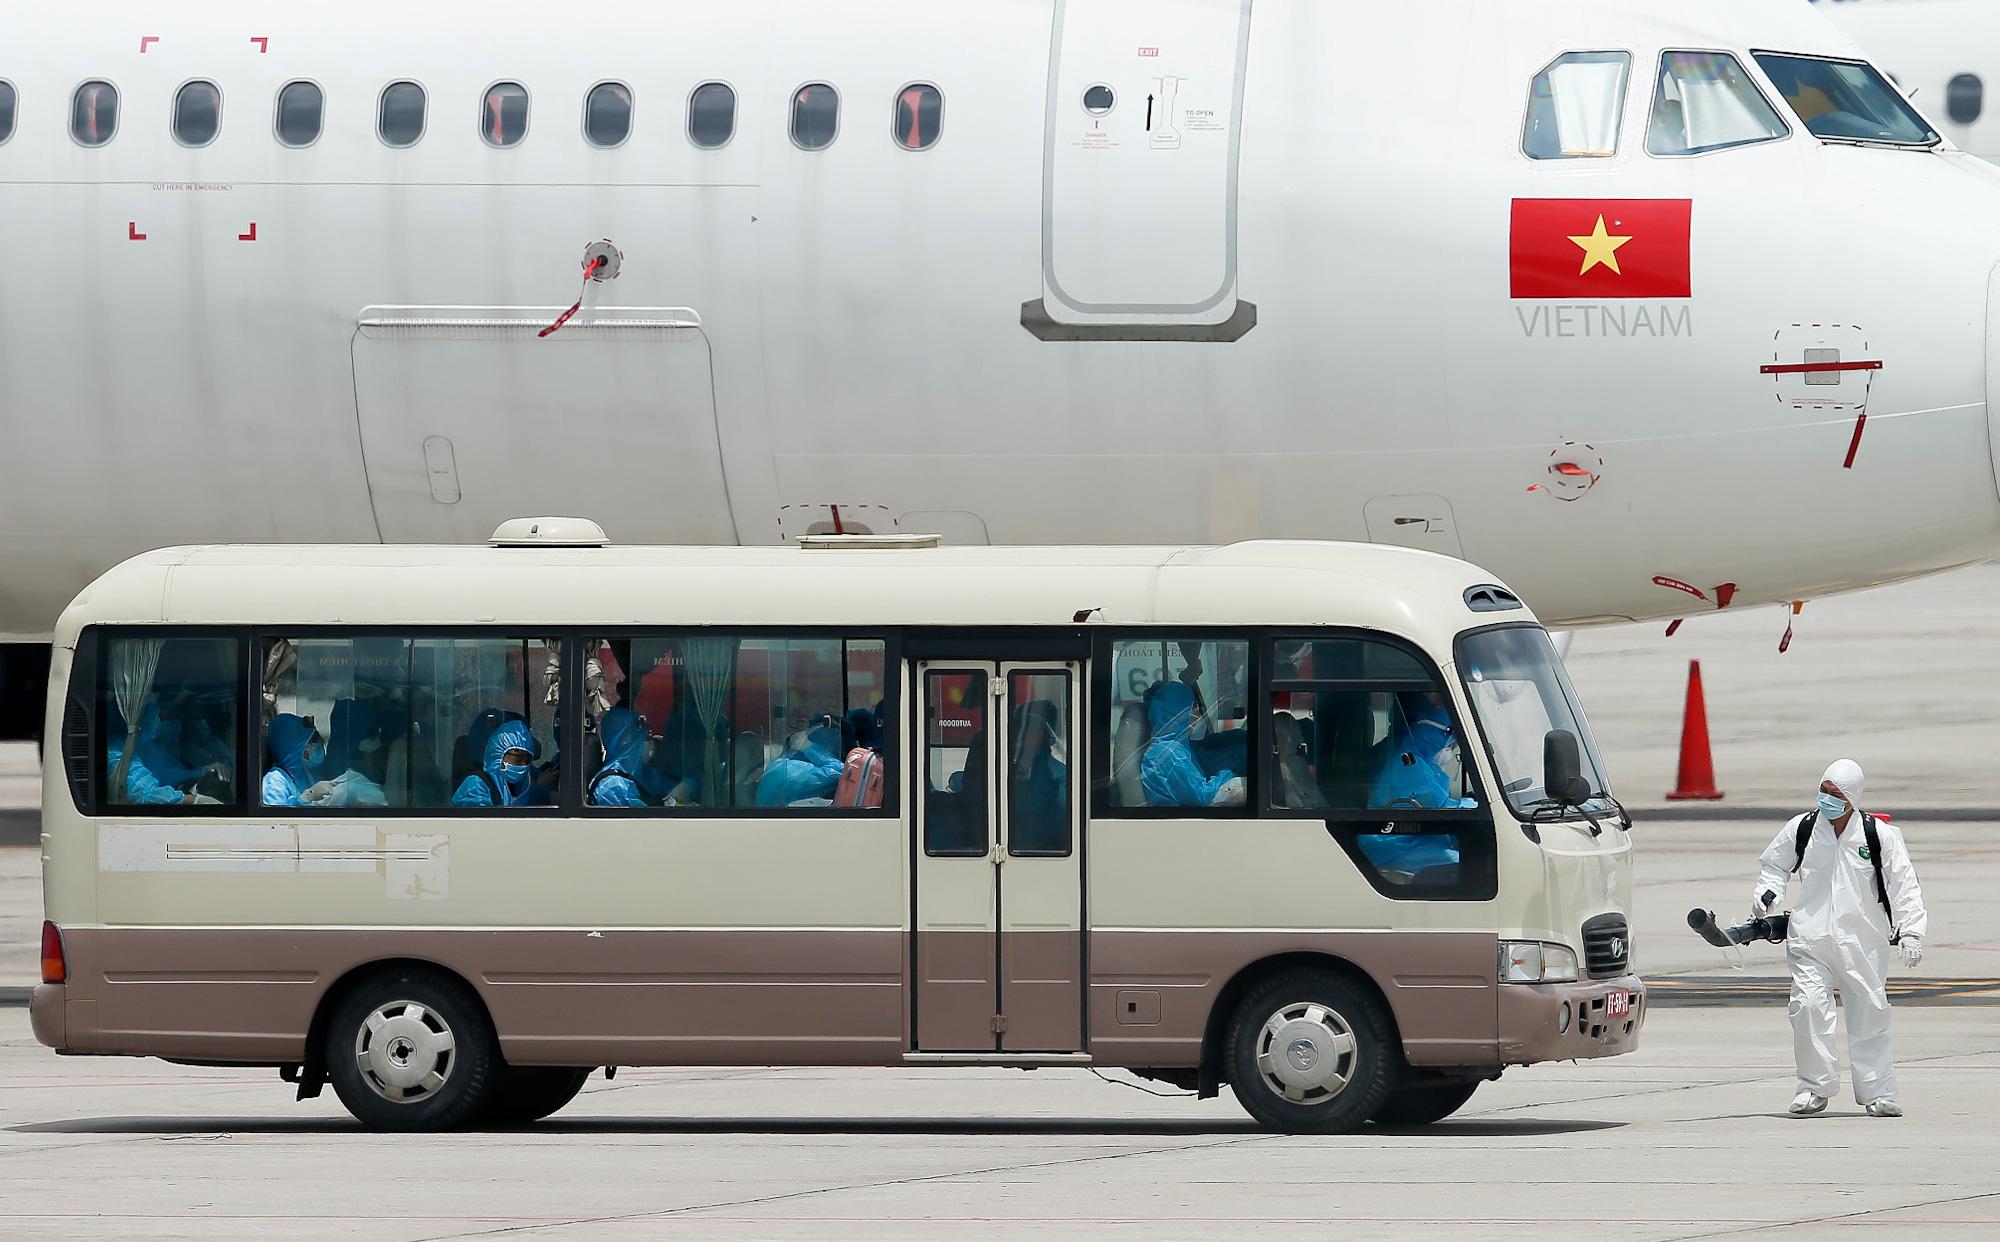 Chuyến bay đầu tiên đưa 207 người mắc kẹt ở tâm dịch Đà Nẵng về tới Hà Nội